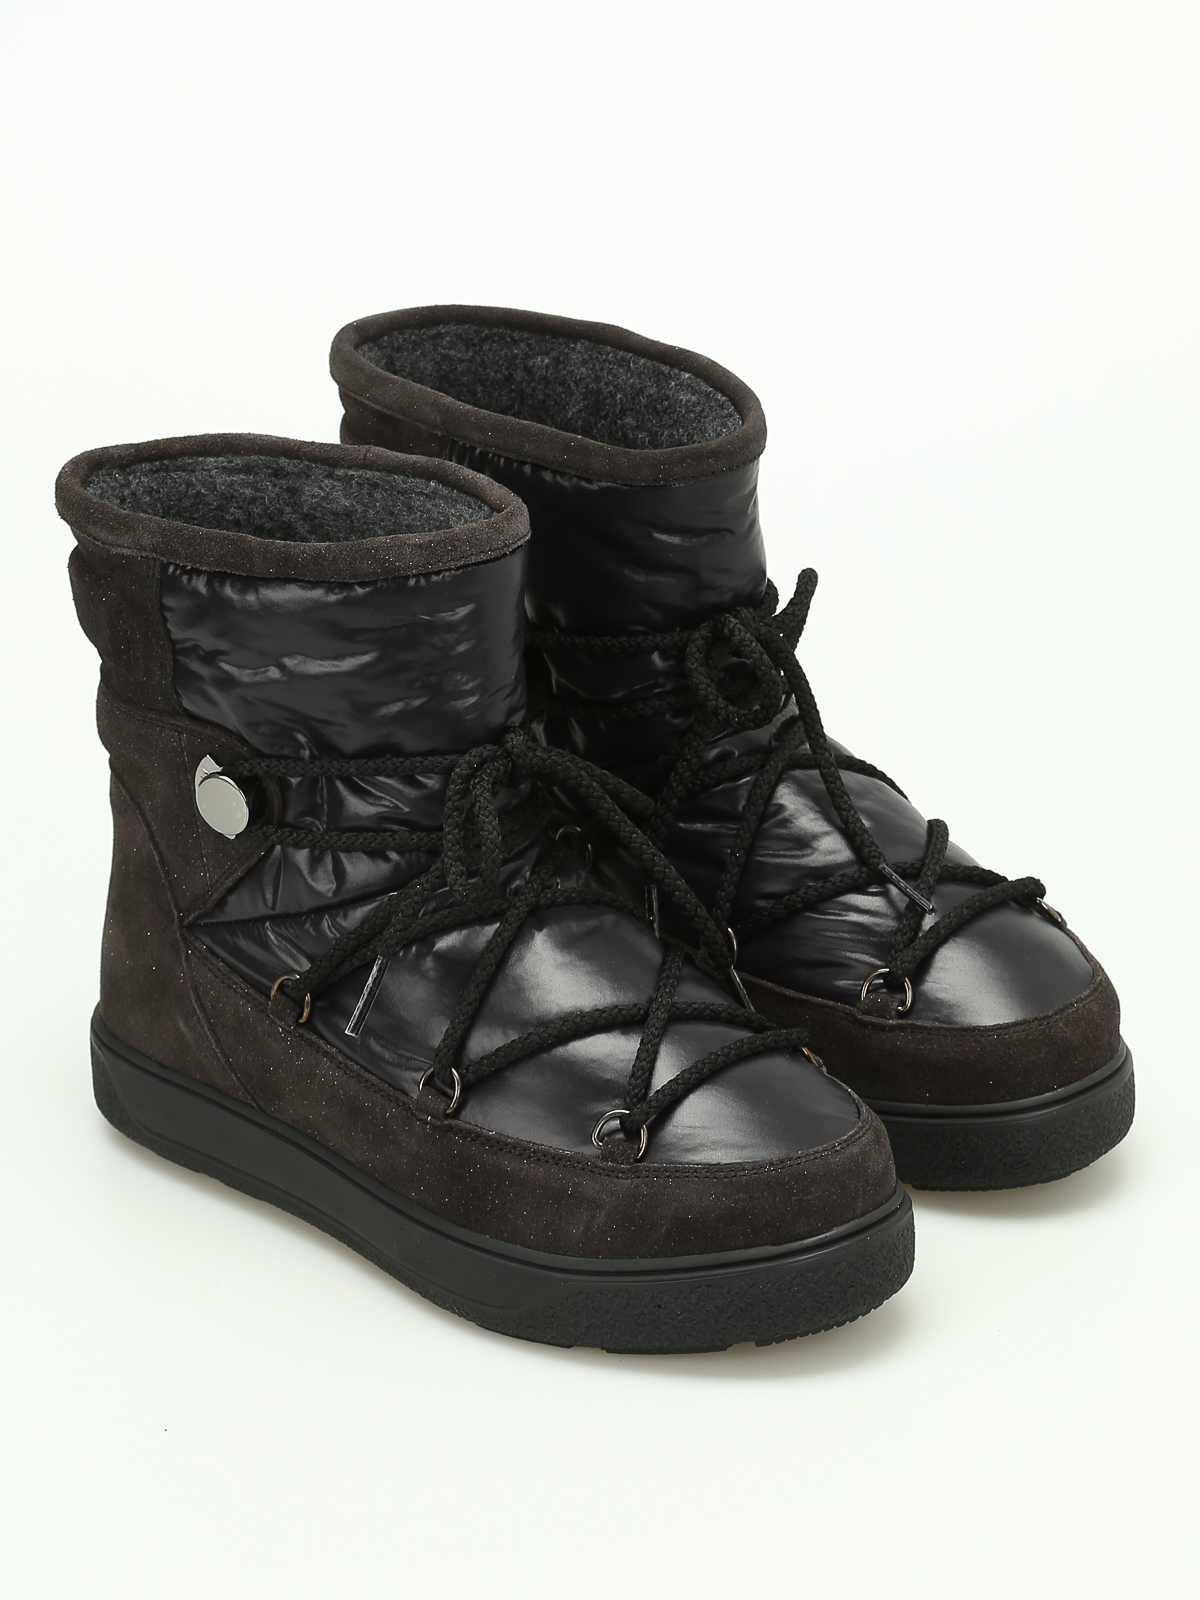 Moncler New Fanny snow boots 9EILpmLi